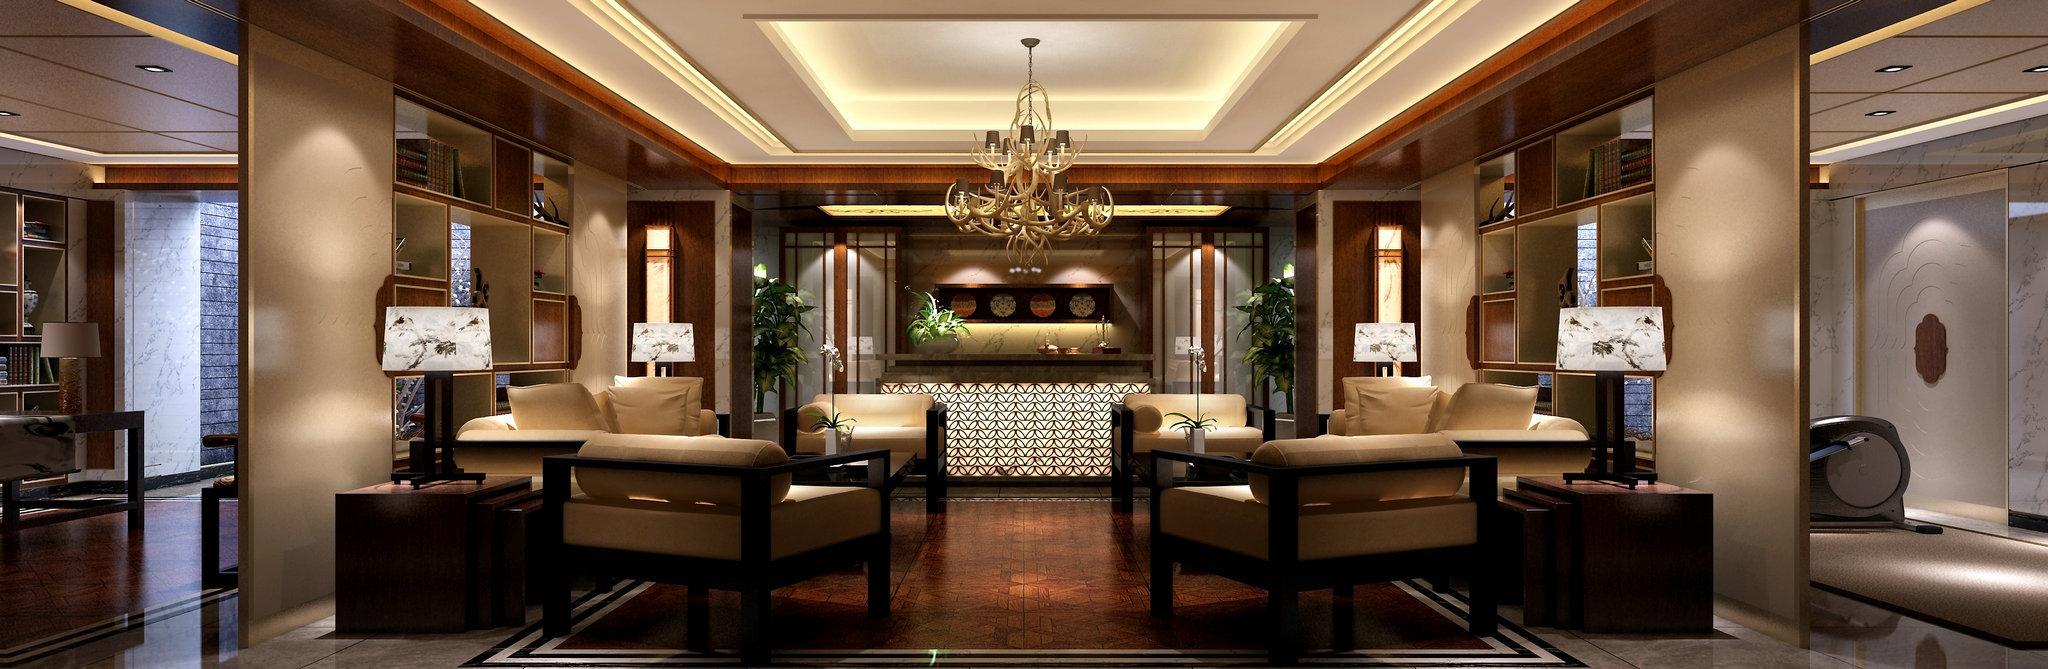 国宾一号 别墅装修 欧美风格 腾龙设计 书房图片来自腾龙设计在国宾一号别墅装修欧美风格设计的分享